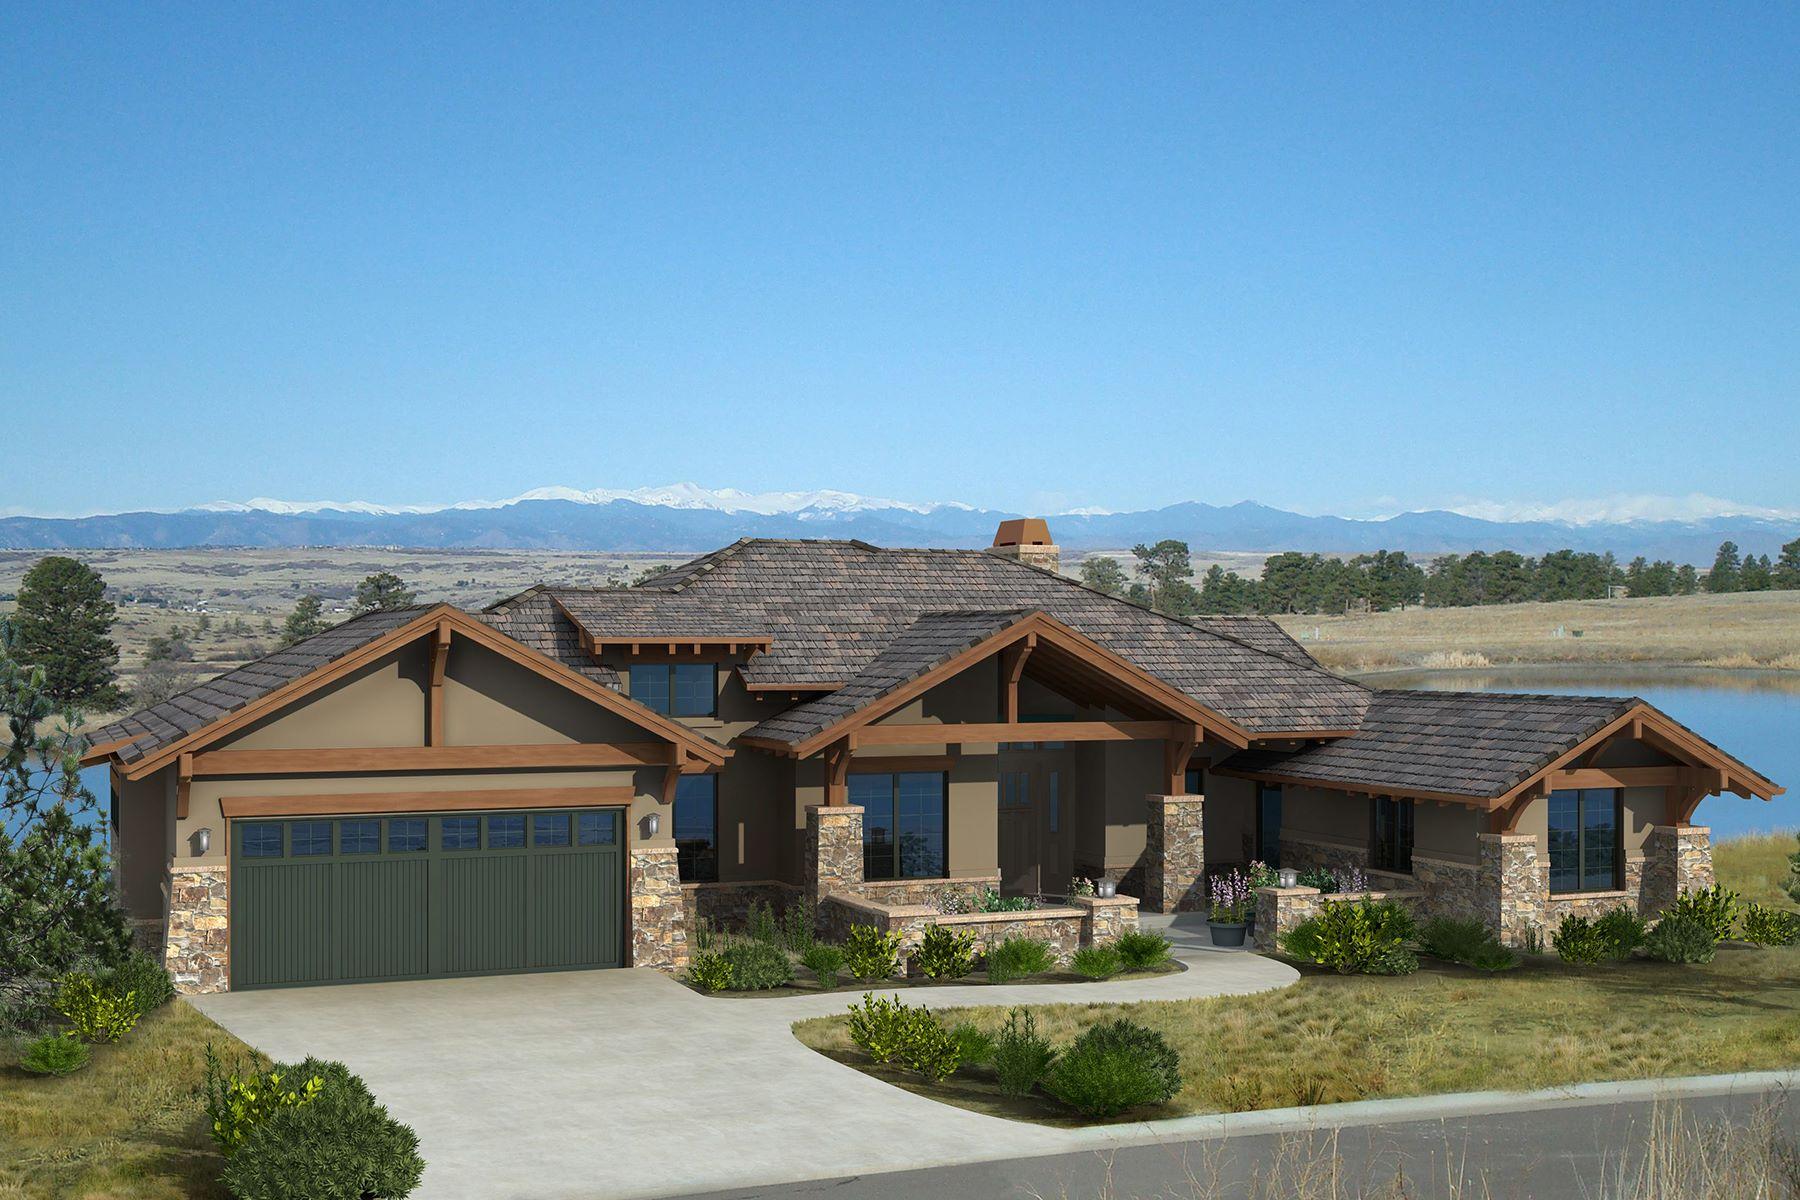 Einfamilienhaus für Verkauf beim Top of the world views from this beautiful home 8776 Eagle Moon Way Parker, Colorado, 80134 Vereinigte Staaten